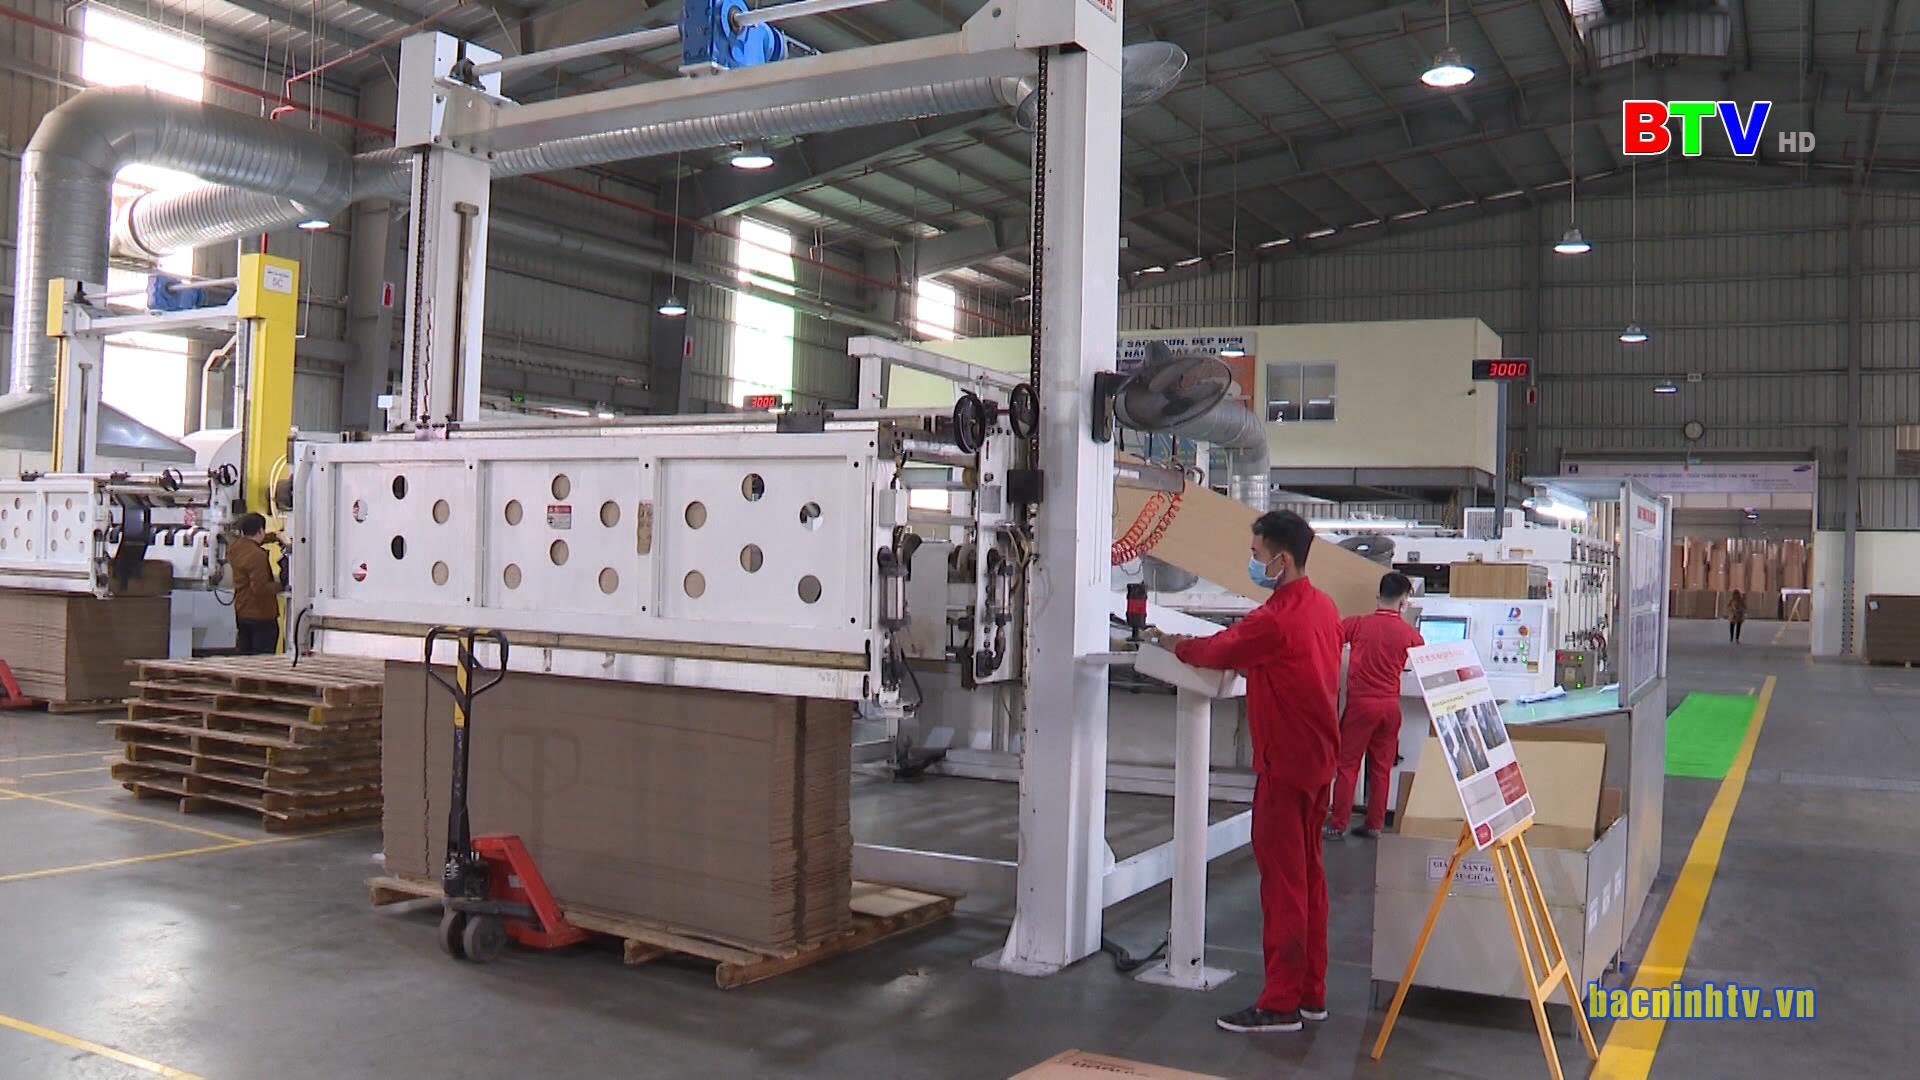 Năm 2025, Bắc Ninh có 800 doanh nghiệp công nghiệp hỗ trợ  tham gia chuỗi cung ứng toàn cầu